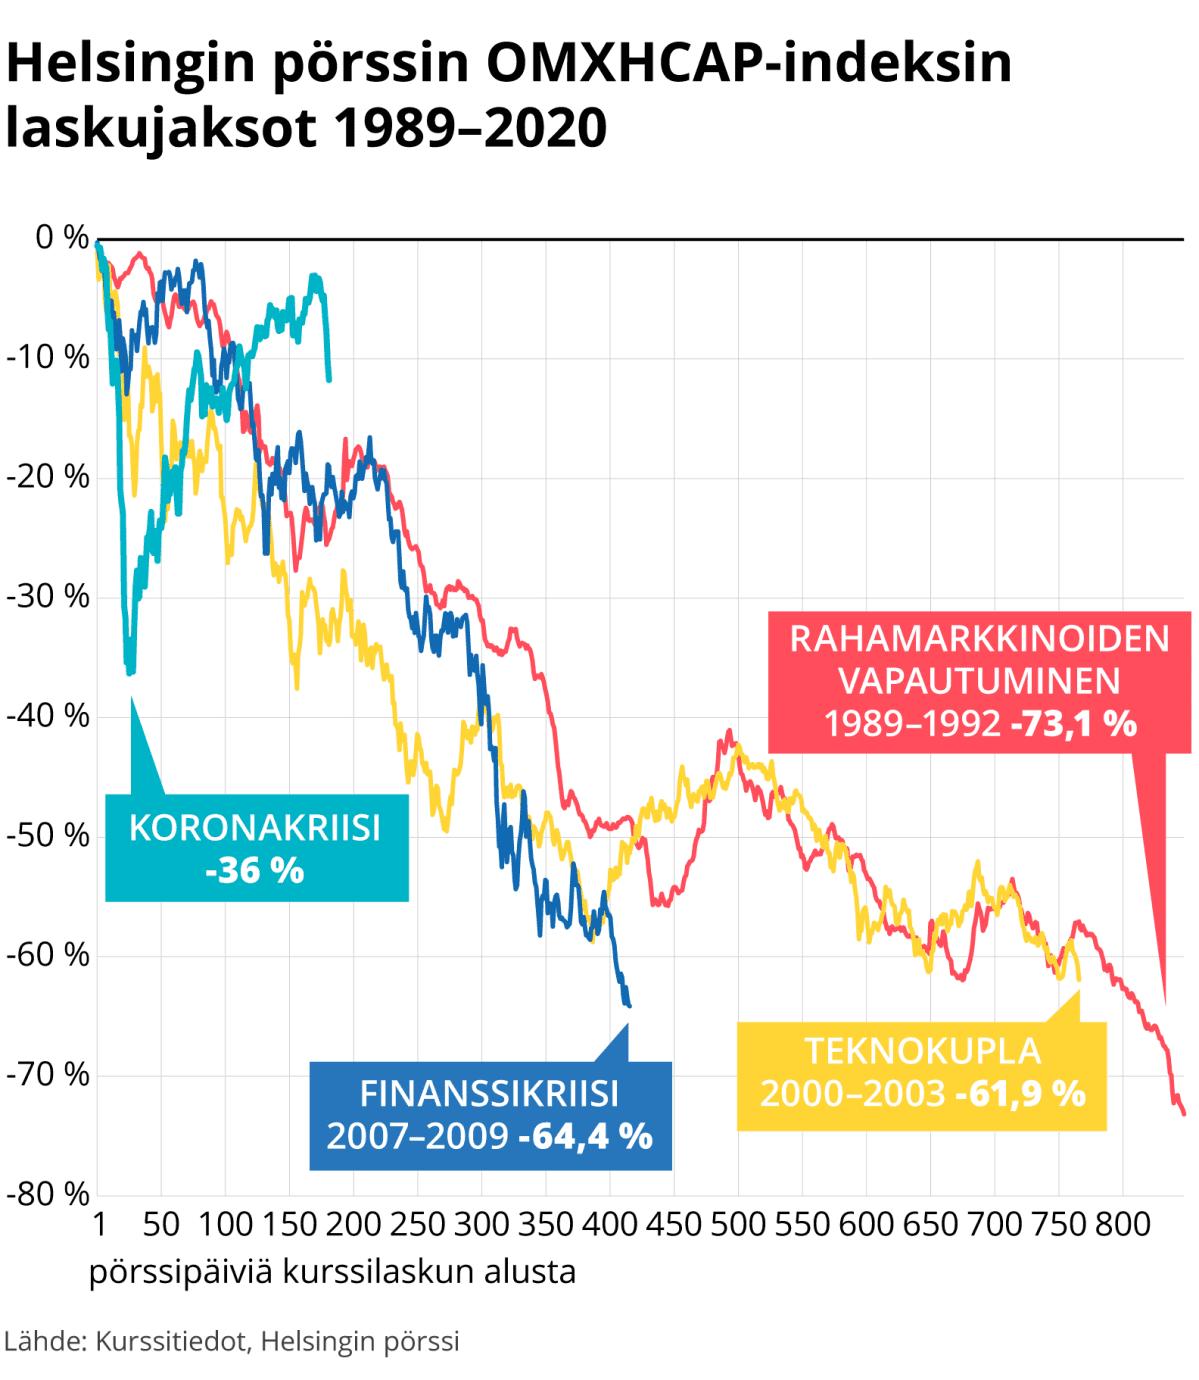 Helsingin pörssin OMXHCAP-indeksin laskujaksot 1989–2020